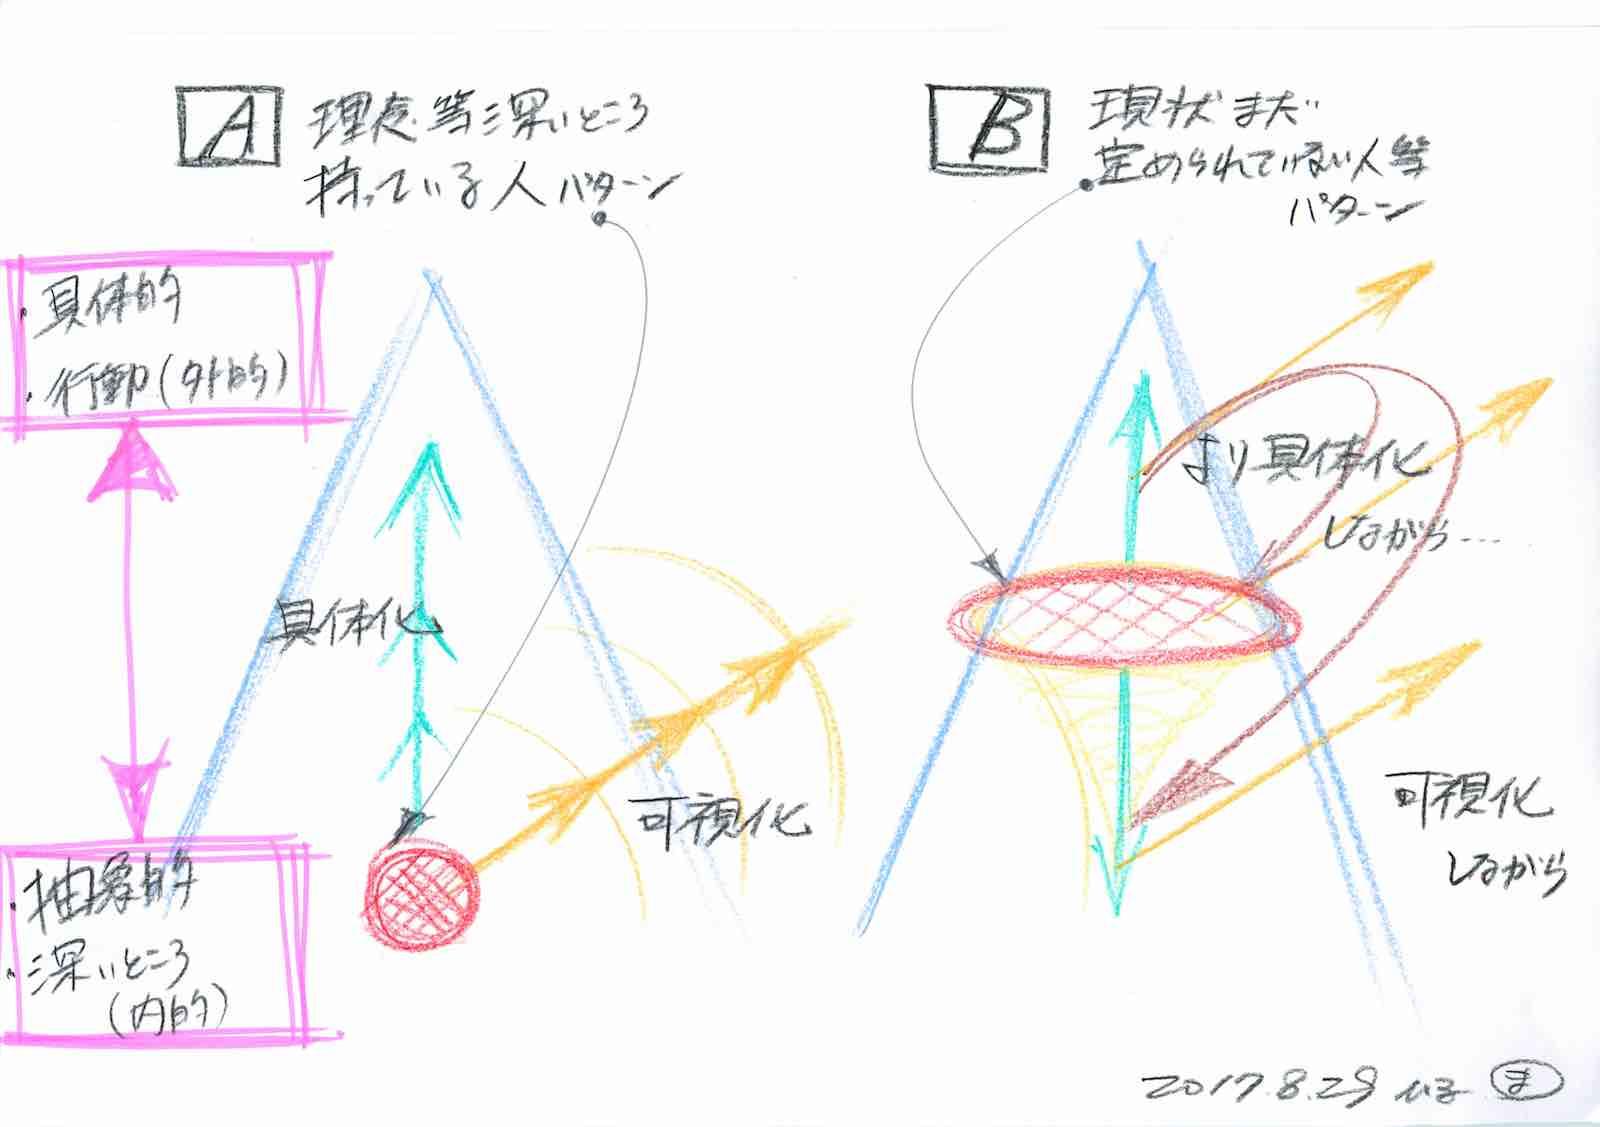 【図解】動かない組織を動かすための2つのアプローチ